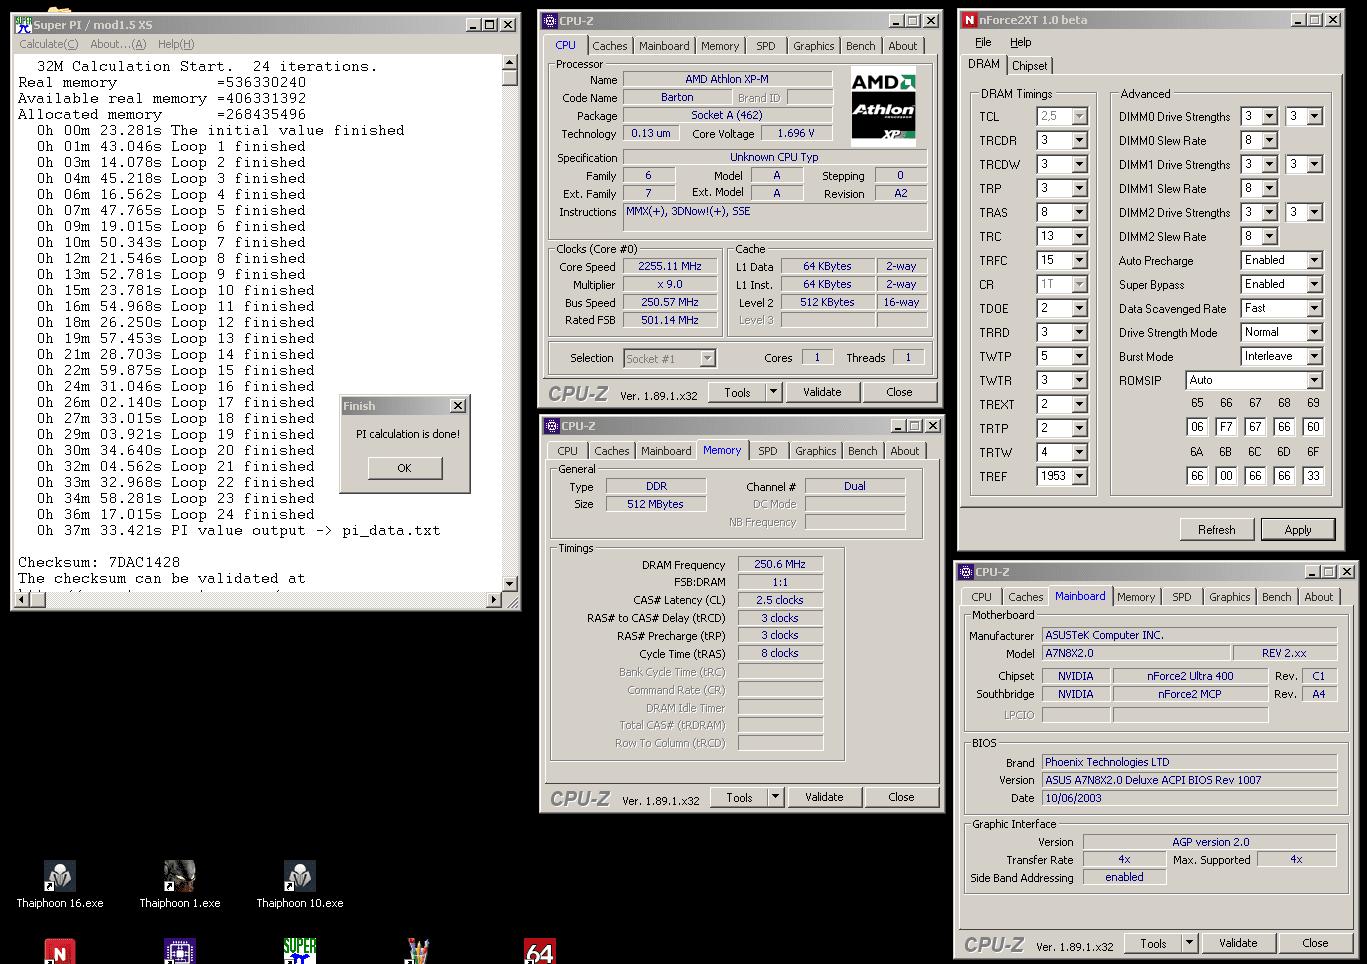 250-dtd43 - Copy.PNG